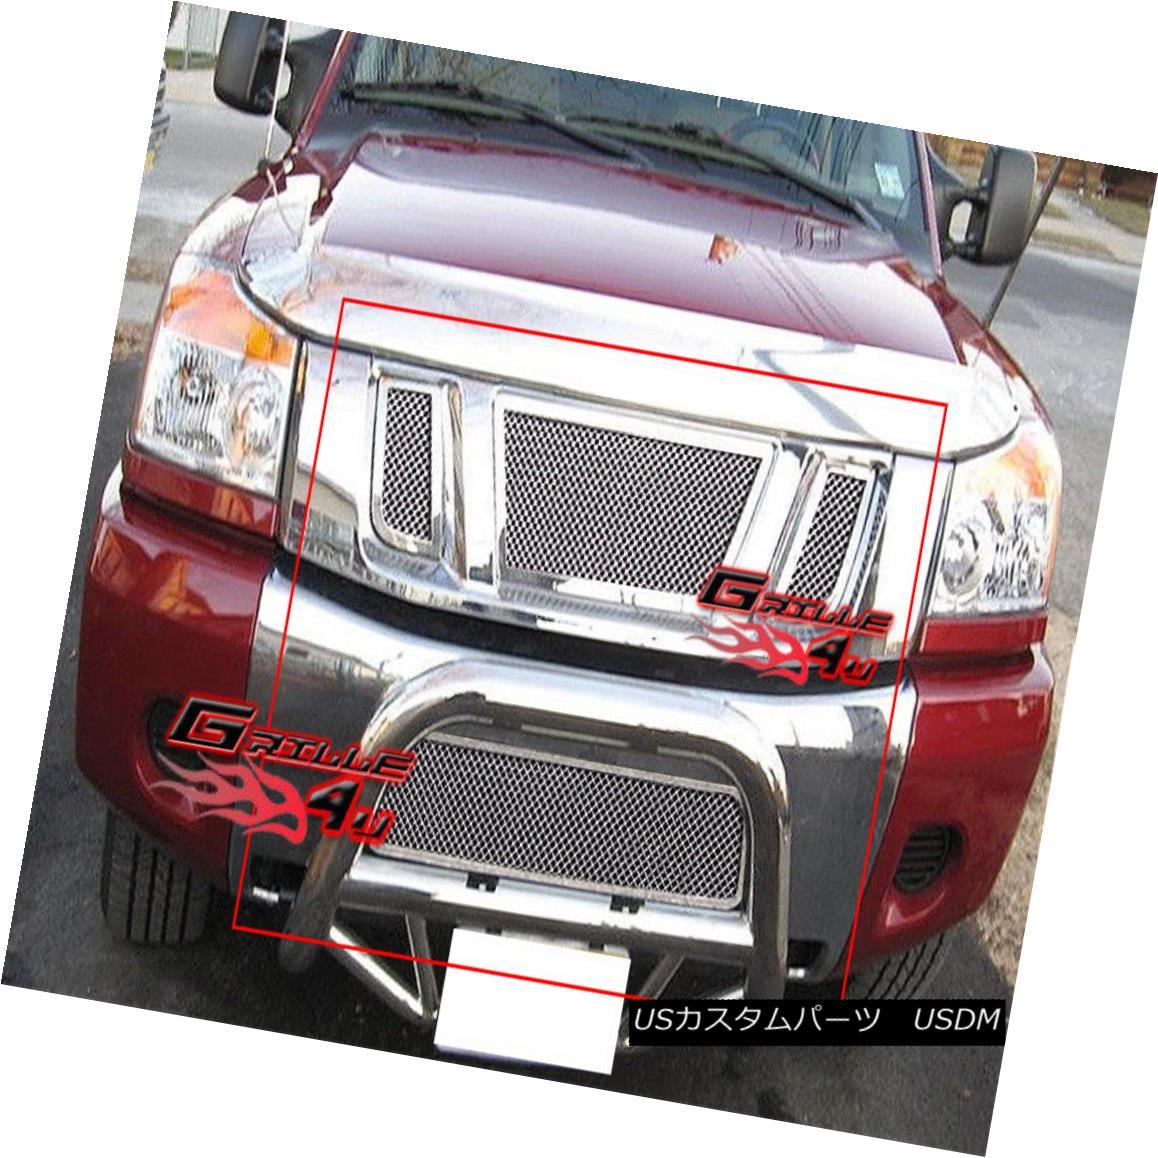 グリル For 08-14 2014 Nissan Titan Stainless Mesh Grille Combo 08-14 2014日産タイタンステンレスメッシュグリルコンボ